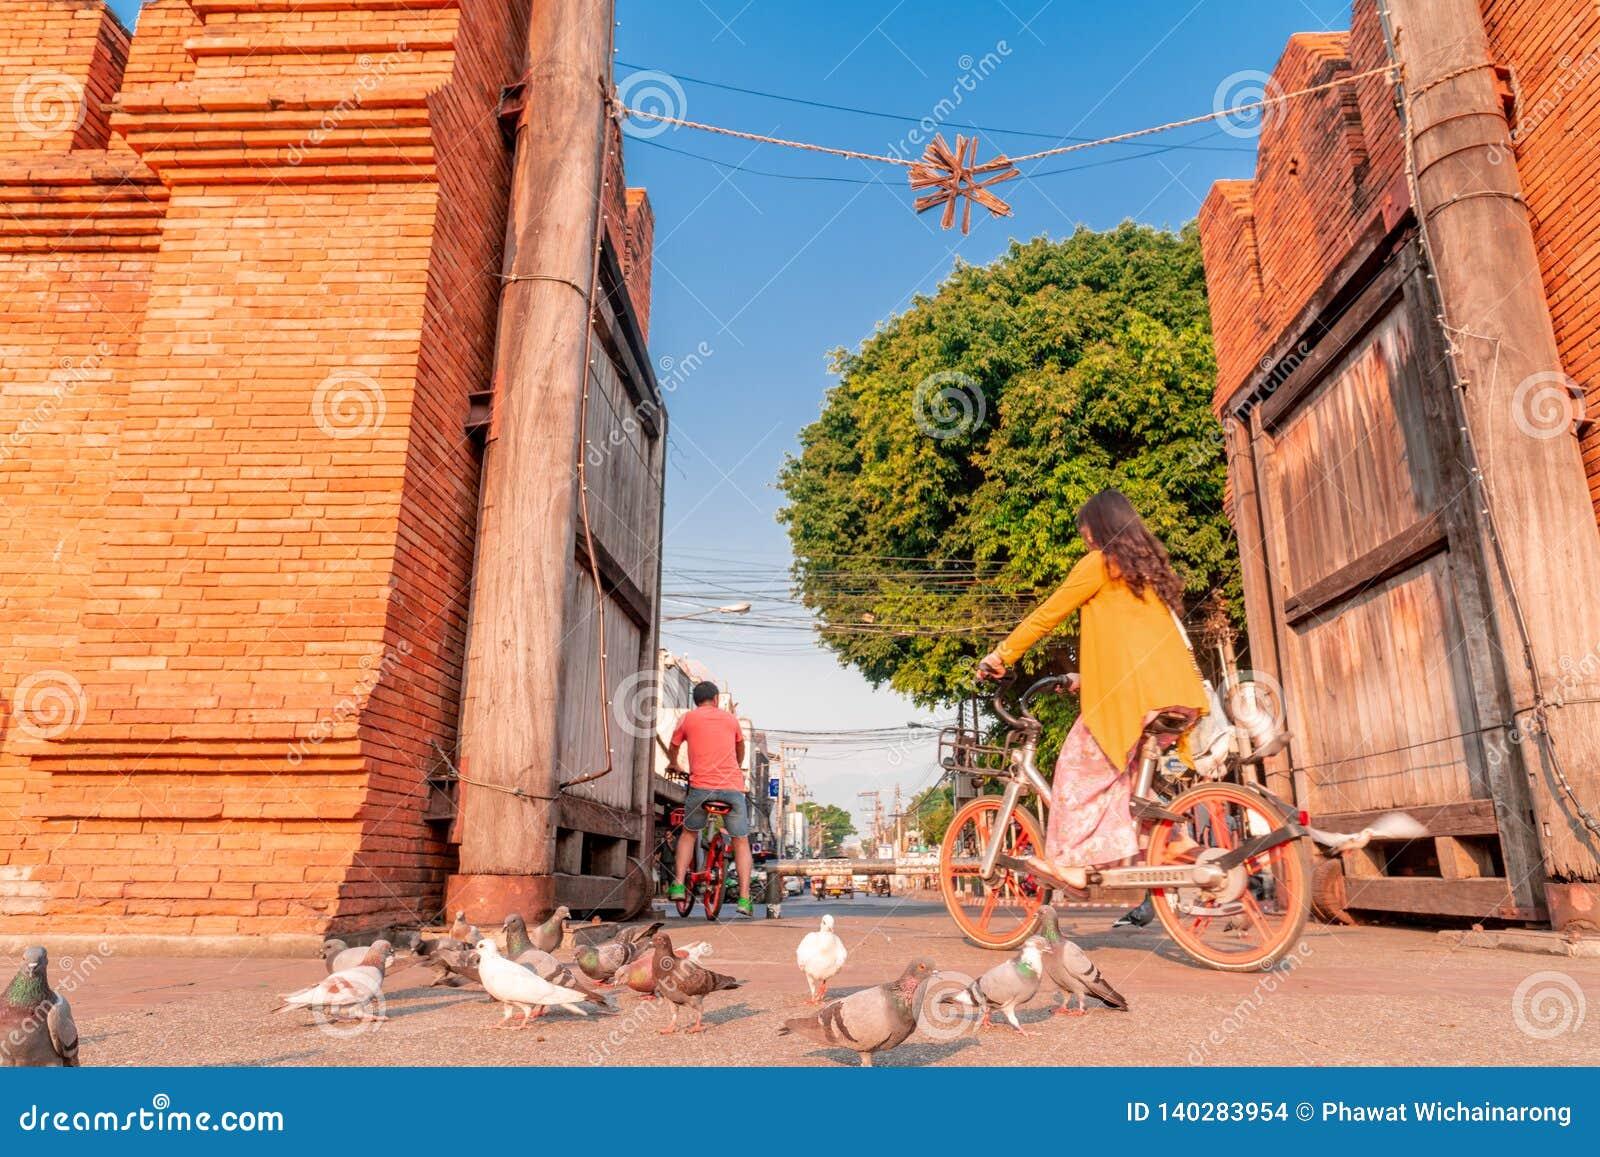 Велосипеды езд туристов на воротах Thapae в городе Чиангмая